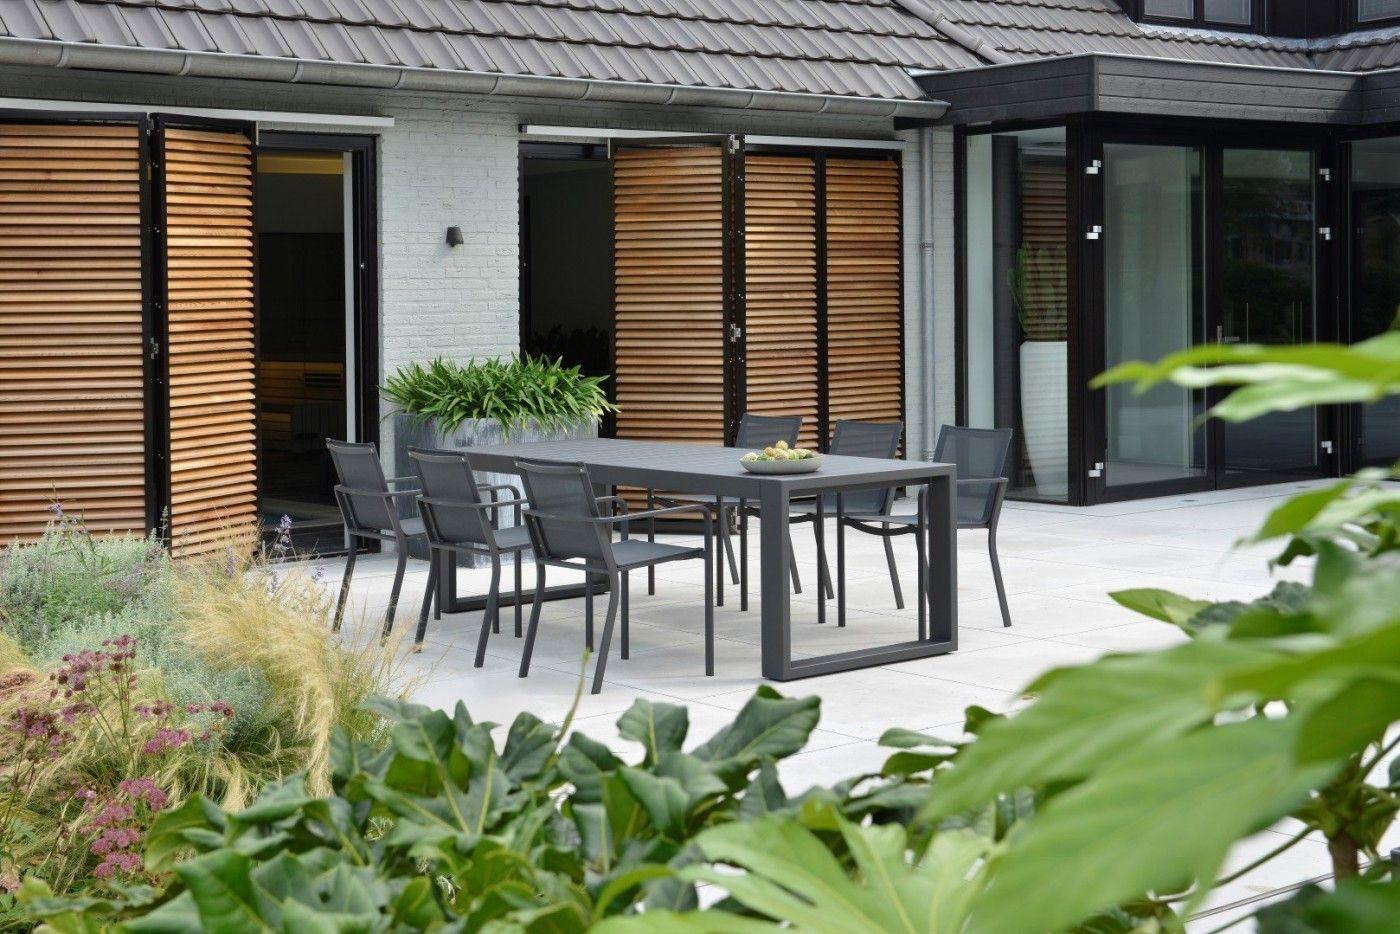 Borek tuinmeubelen en parasols bij showroom and outdoor living